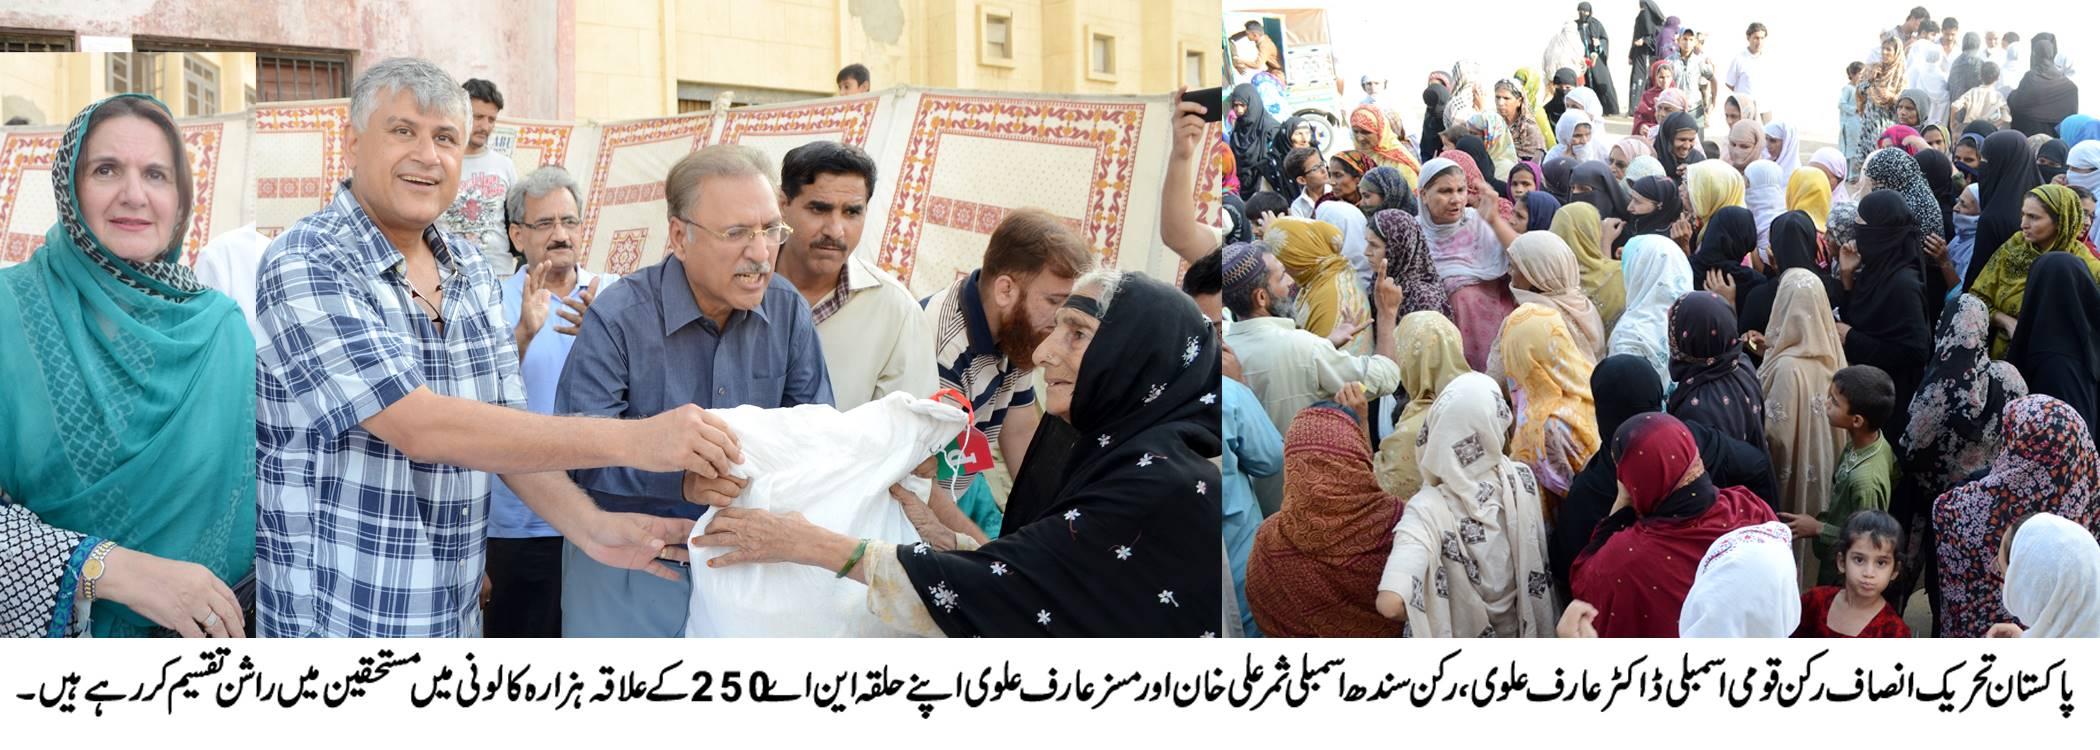 PTI_Rashan_Taqseem_Picture.JPG